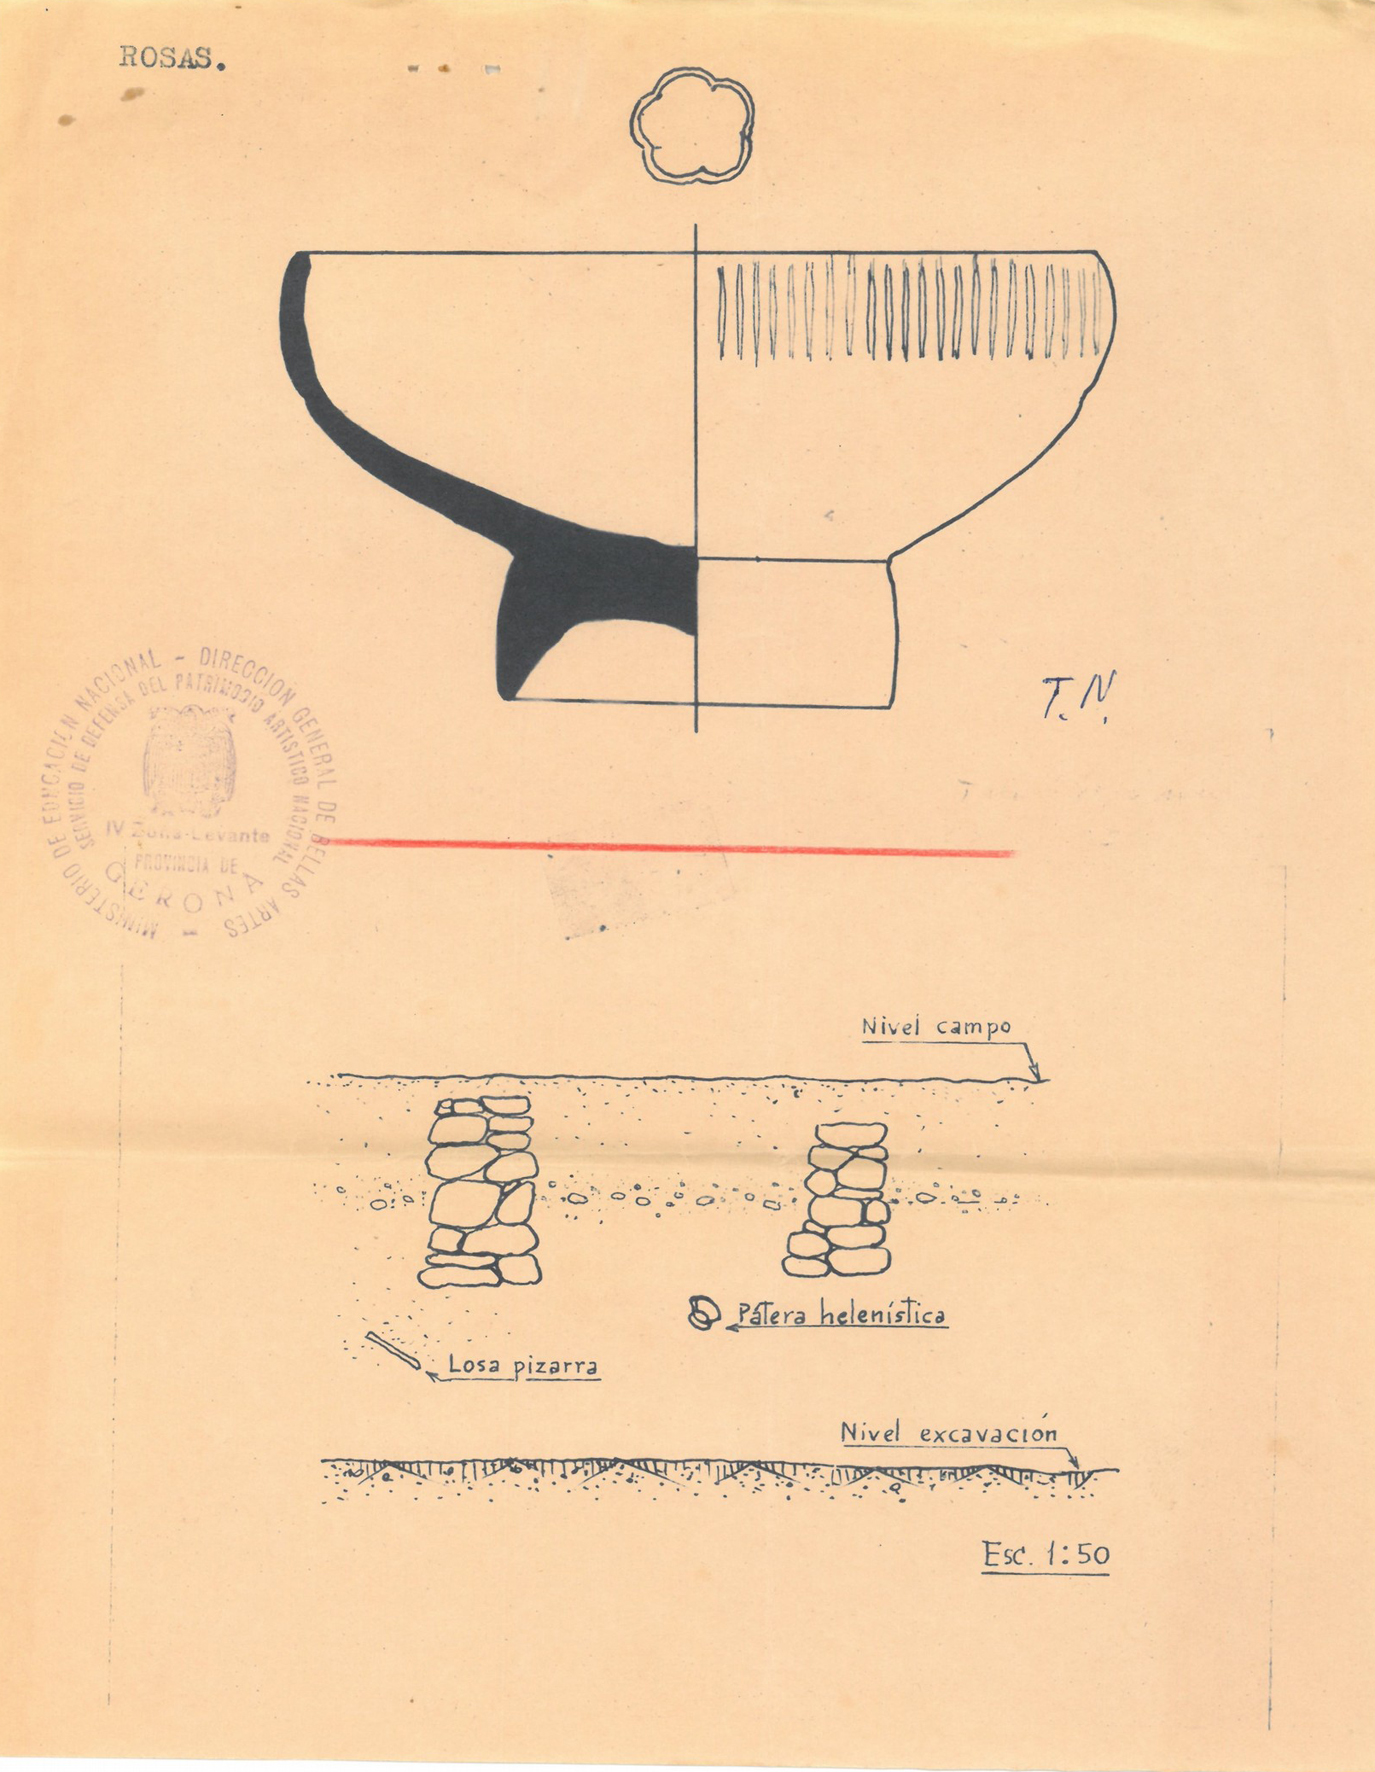 El Document del Mes de l'Arxiu Municipal de Roses commemora els 100 anys d'excavacions a la Ciutadella